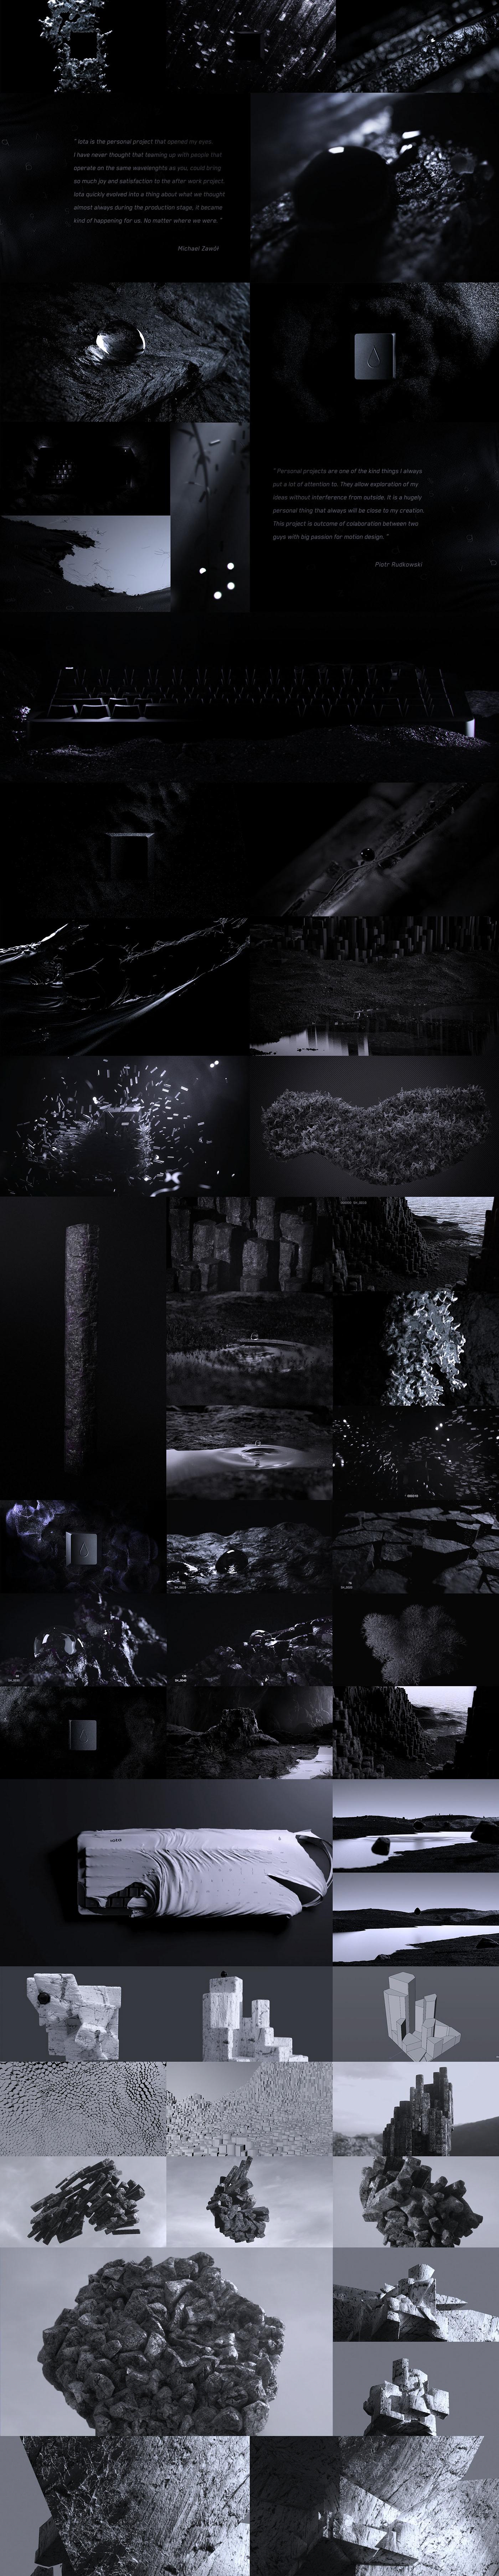 black bw design droplet motion noir rock simulation sand basalt